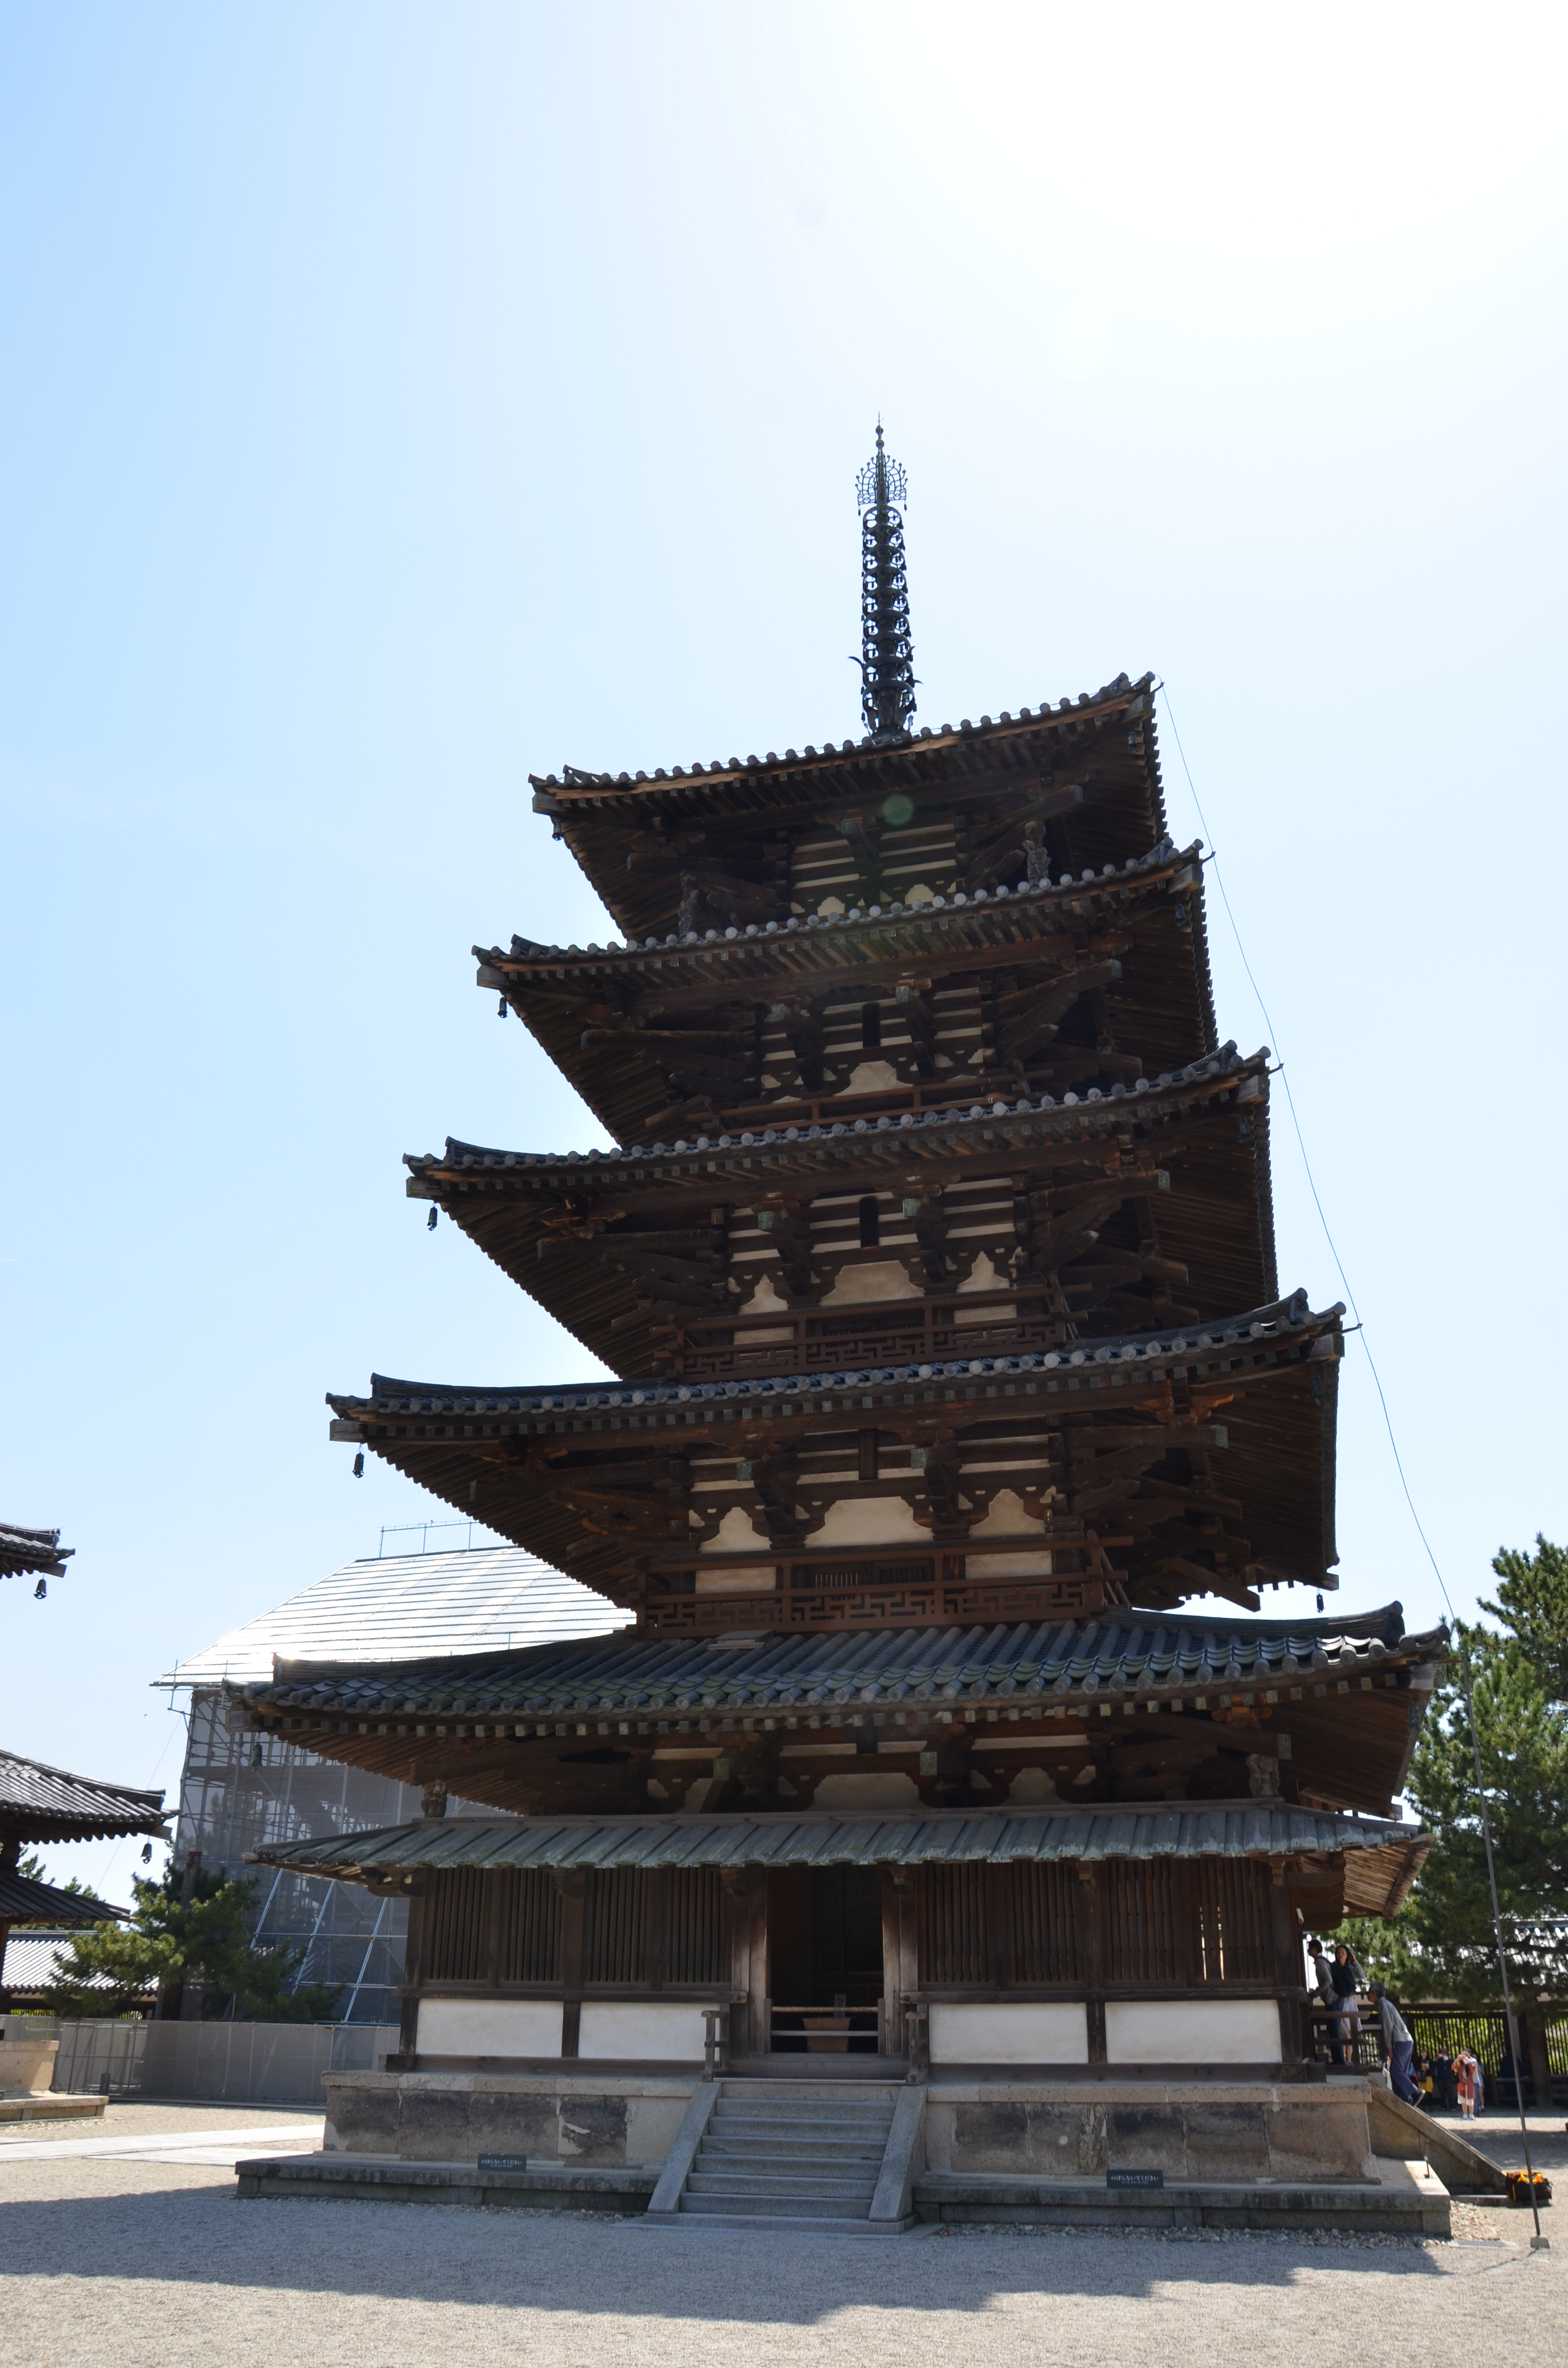 【法隆寺】法隆寺の漆喰壁は世界最古の木造建築。